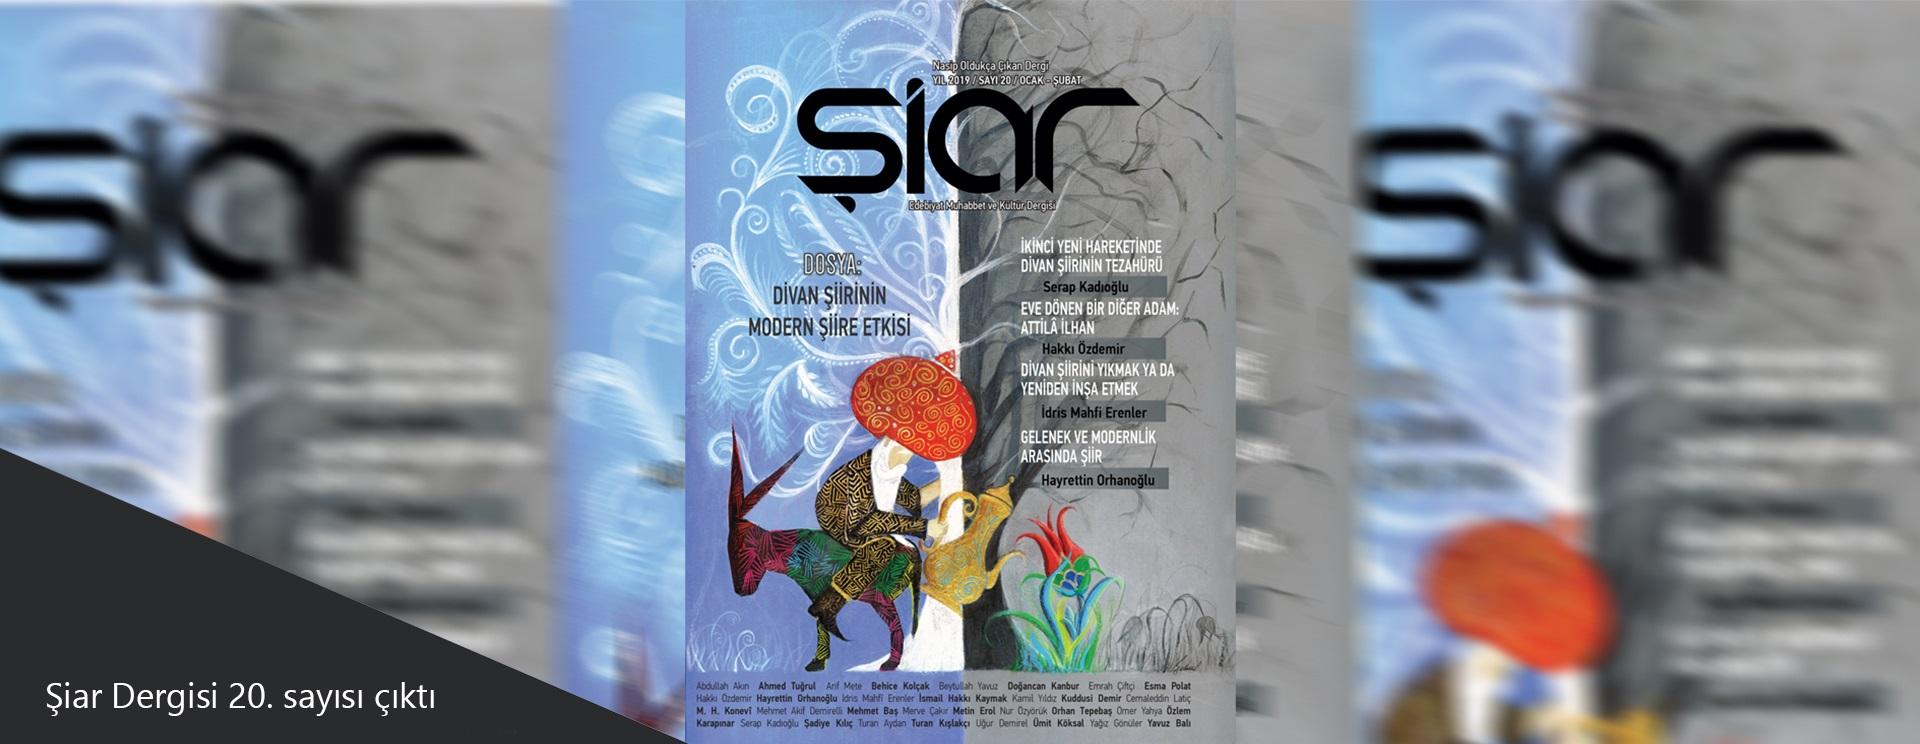 """Şiar """"Divan şiirinin modern şiire etkisi"""" dosyasıyla çıktı"""